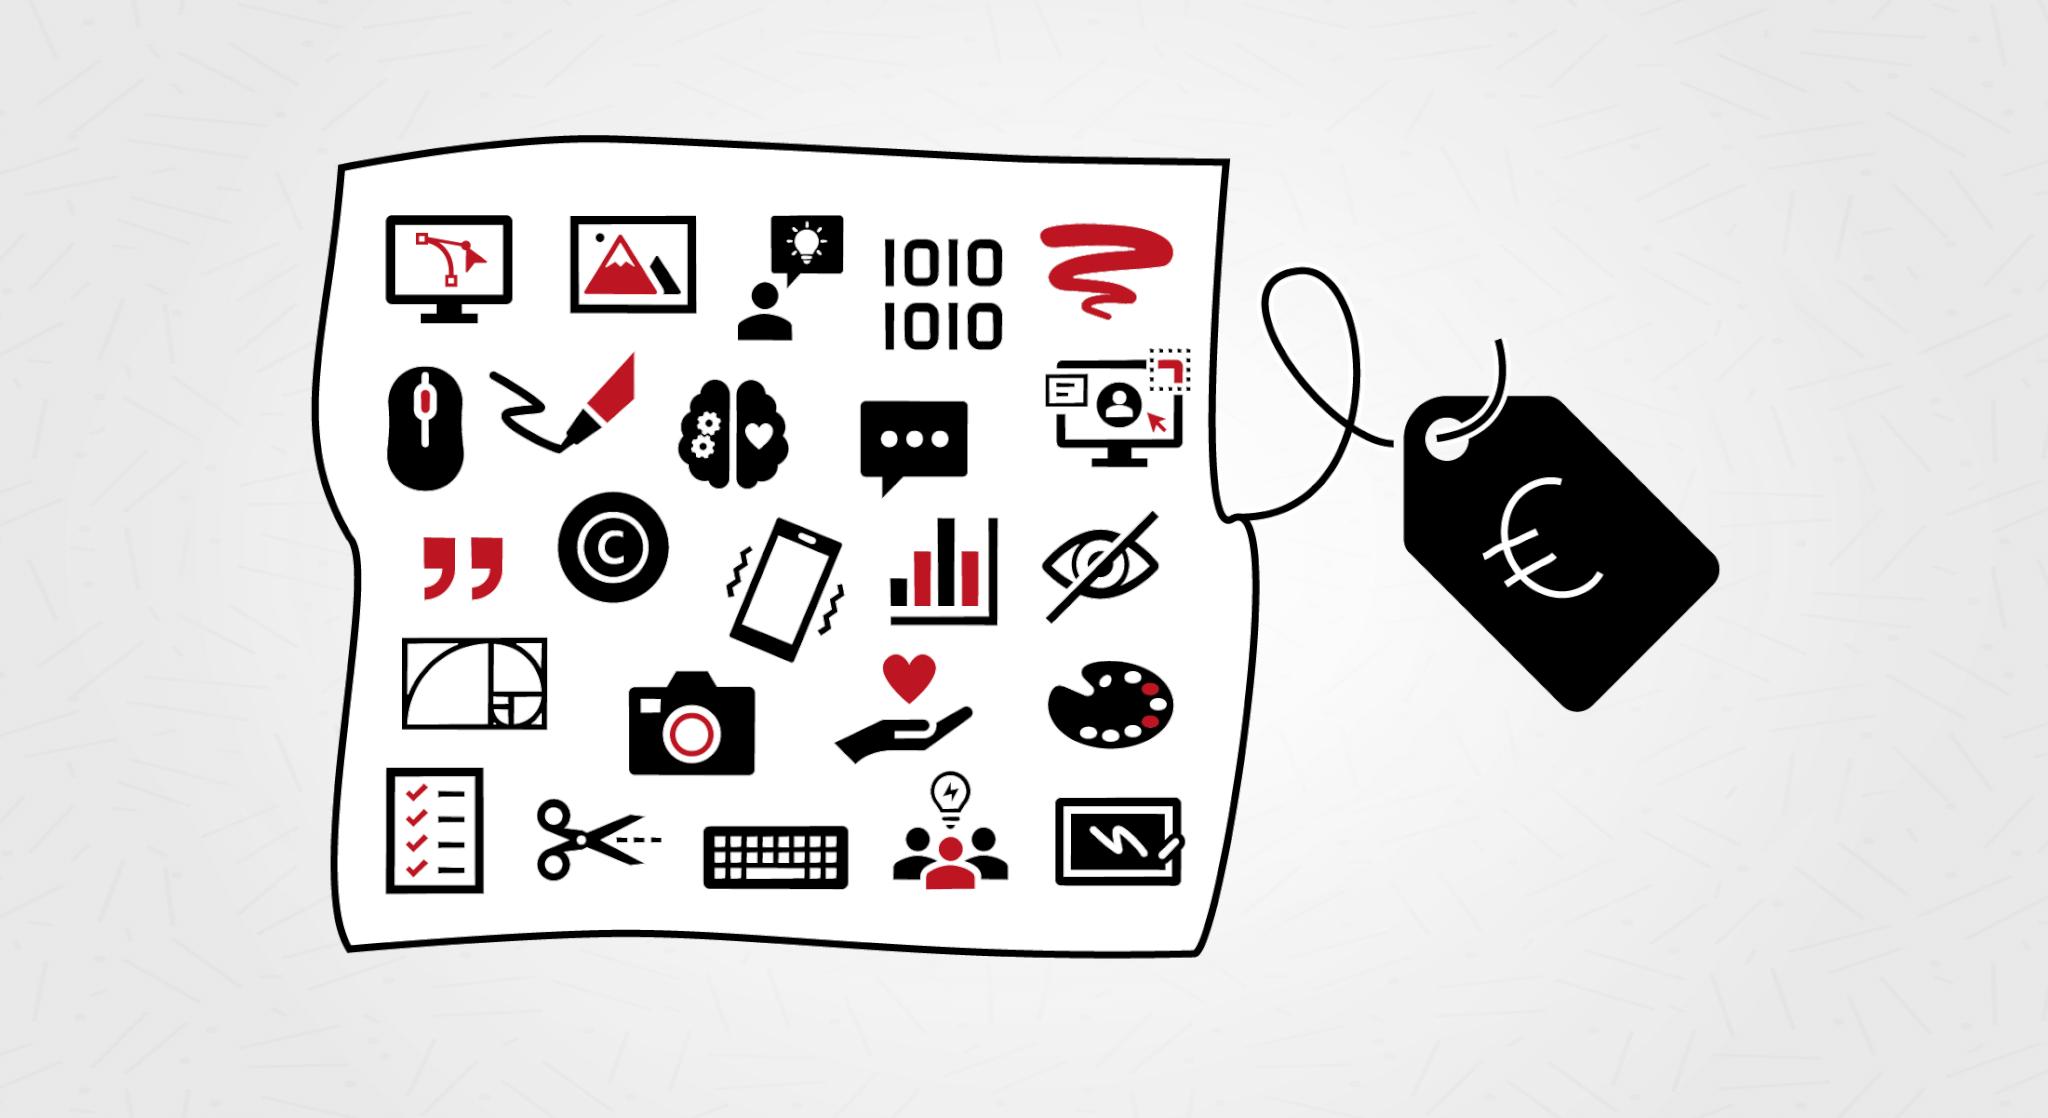 Design Inspis graafisen suunnittelun hinta, symboleita